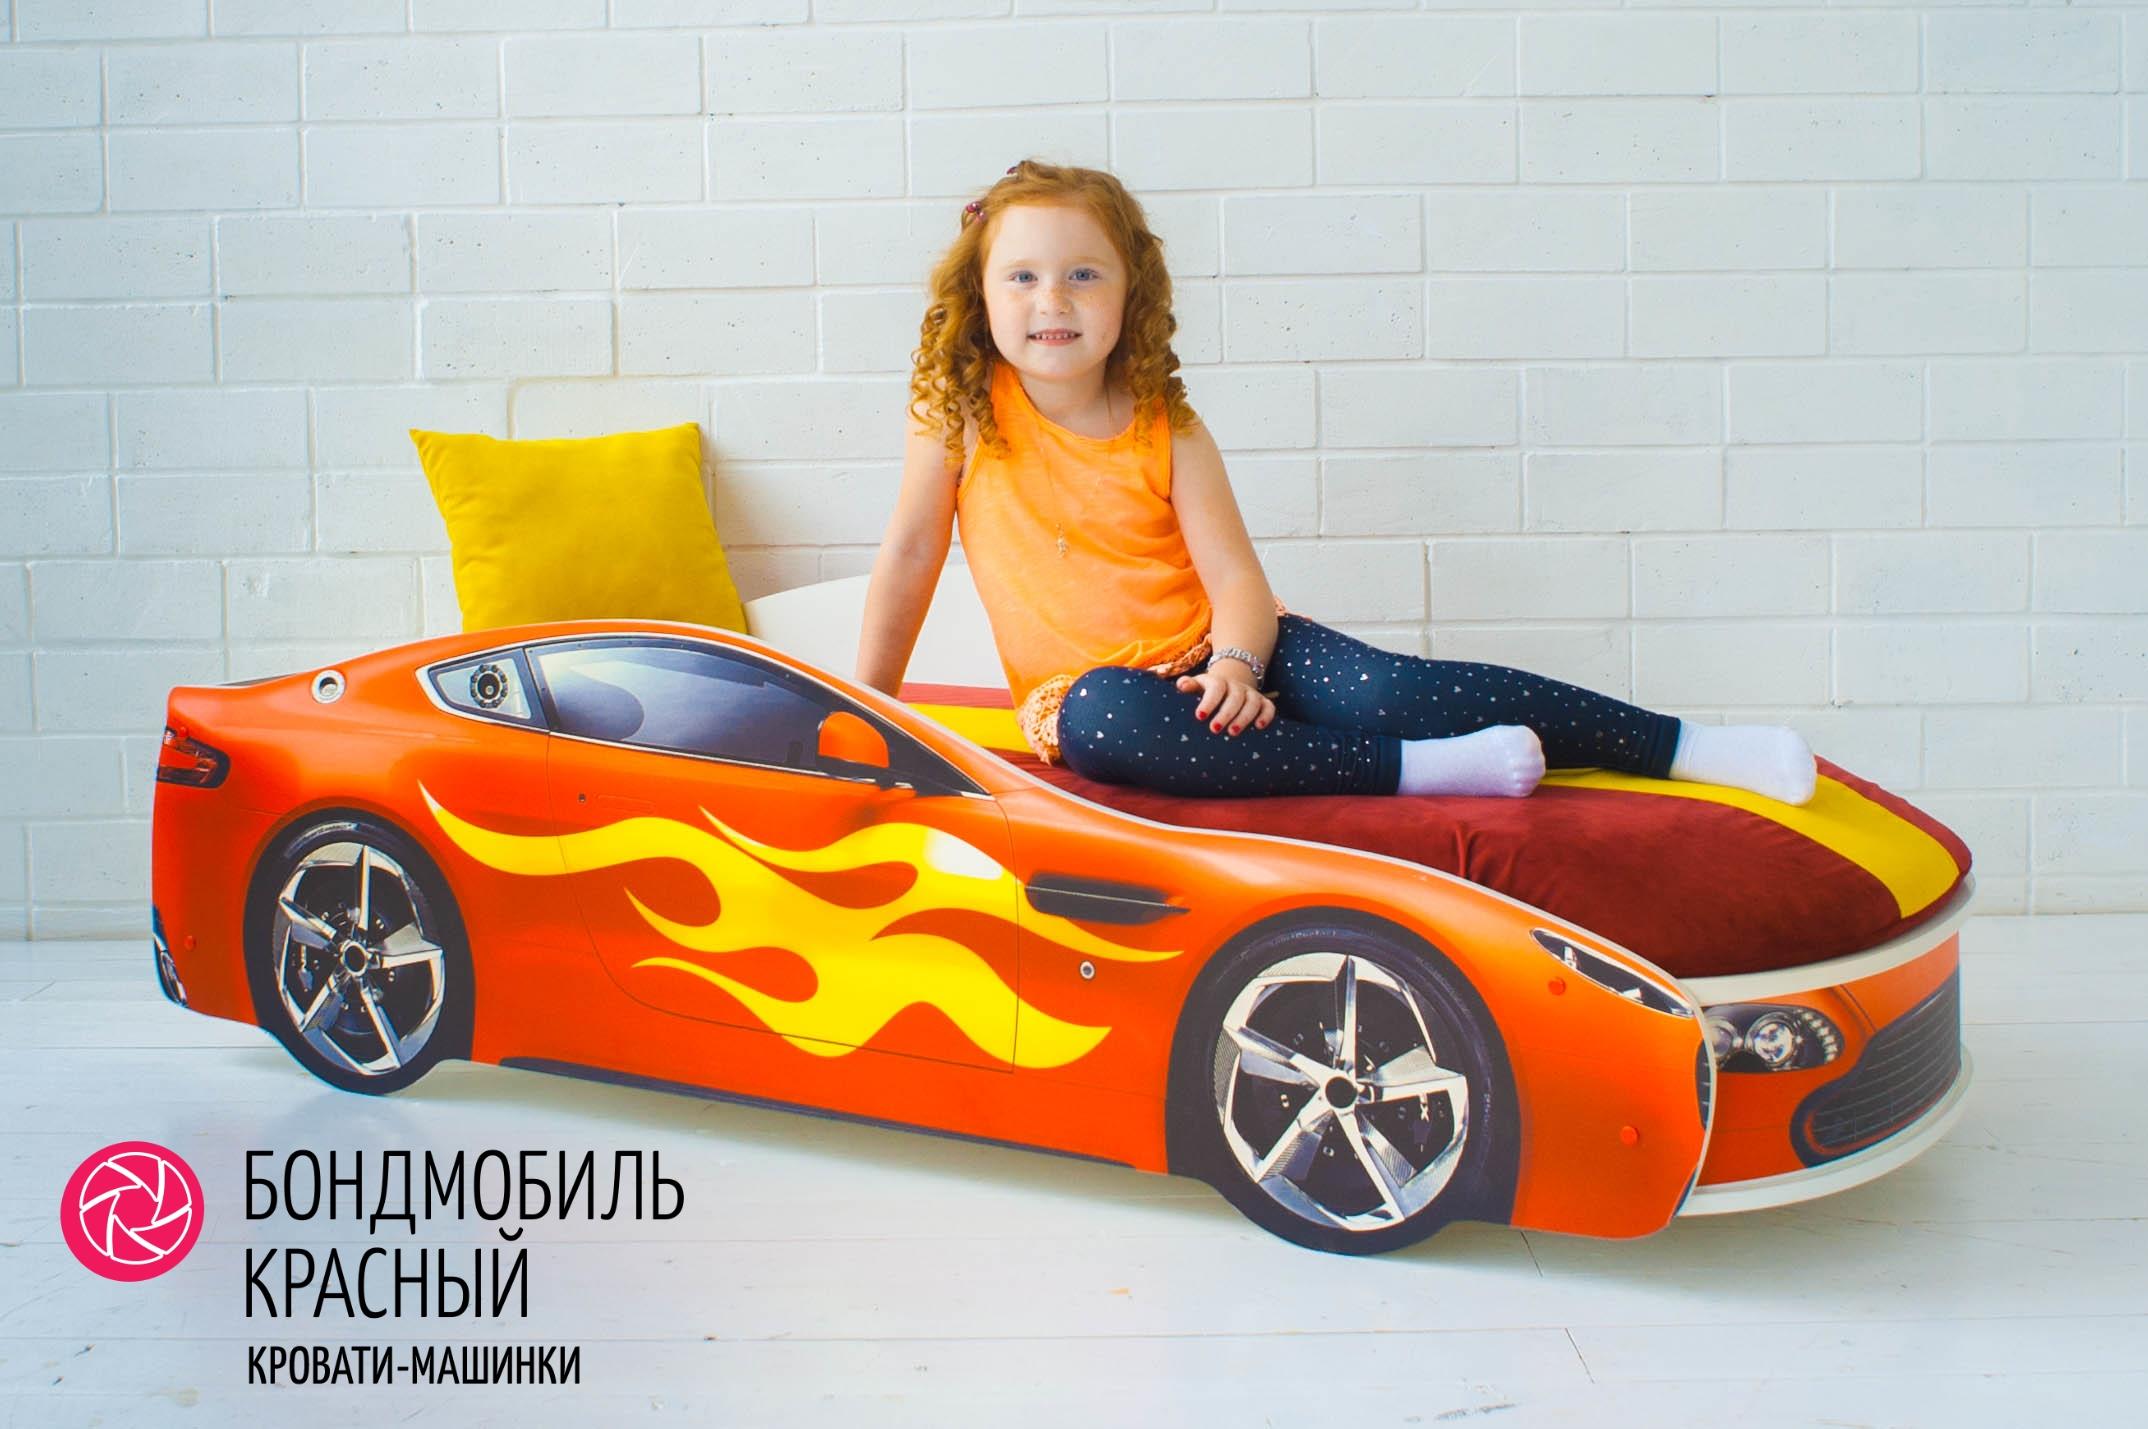 Детская кровать-машина красный -Бондмобиль-9